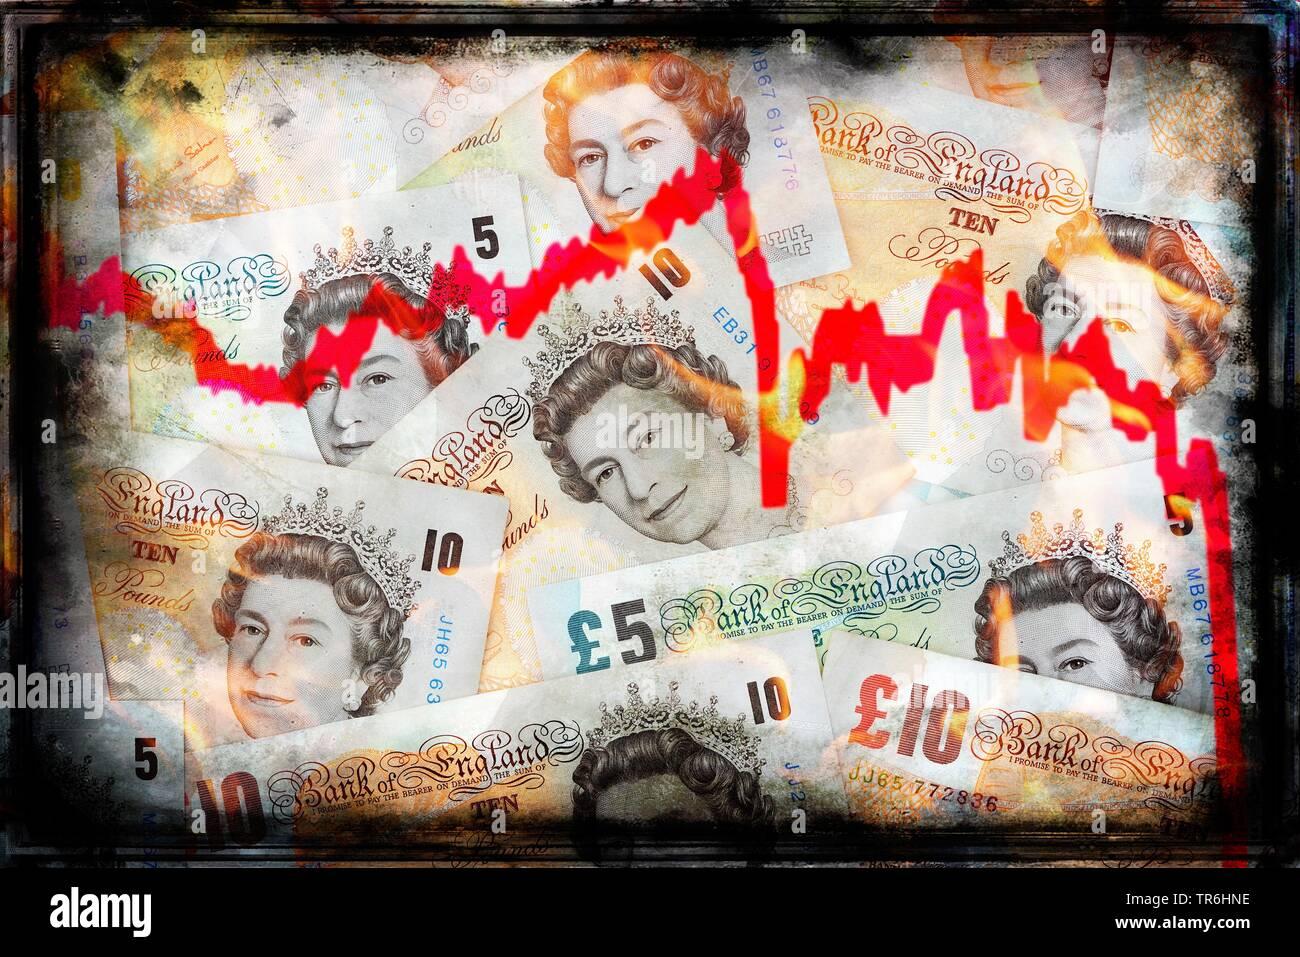 britische Pfundnoten mit sinkender Kurskurve und Flammen, Brexit   british pound bills with sinking curve and flames   BLWS484728.jpg [ (c) blickwinke - Stock Image